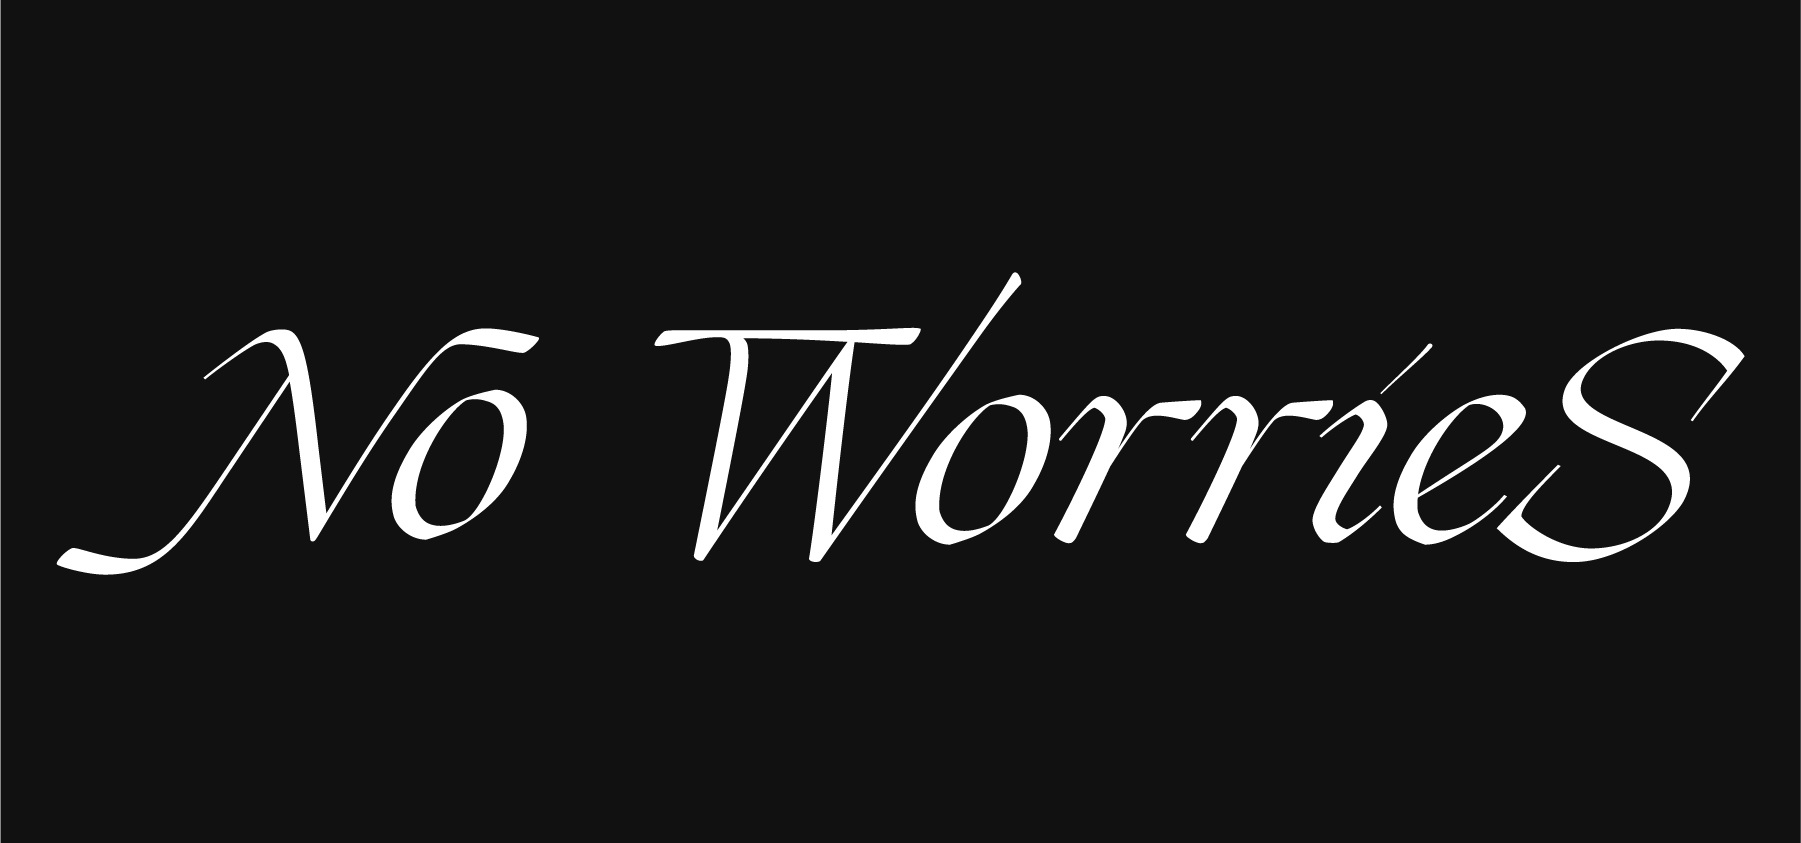 NoWorries_logos-04.jpg